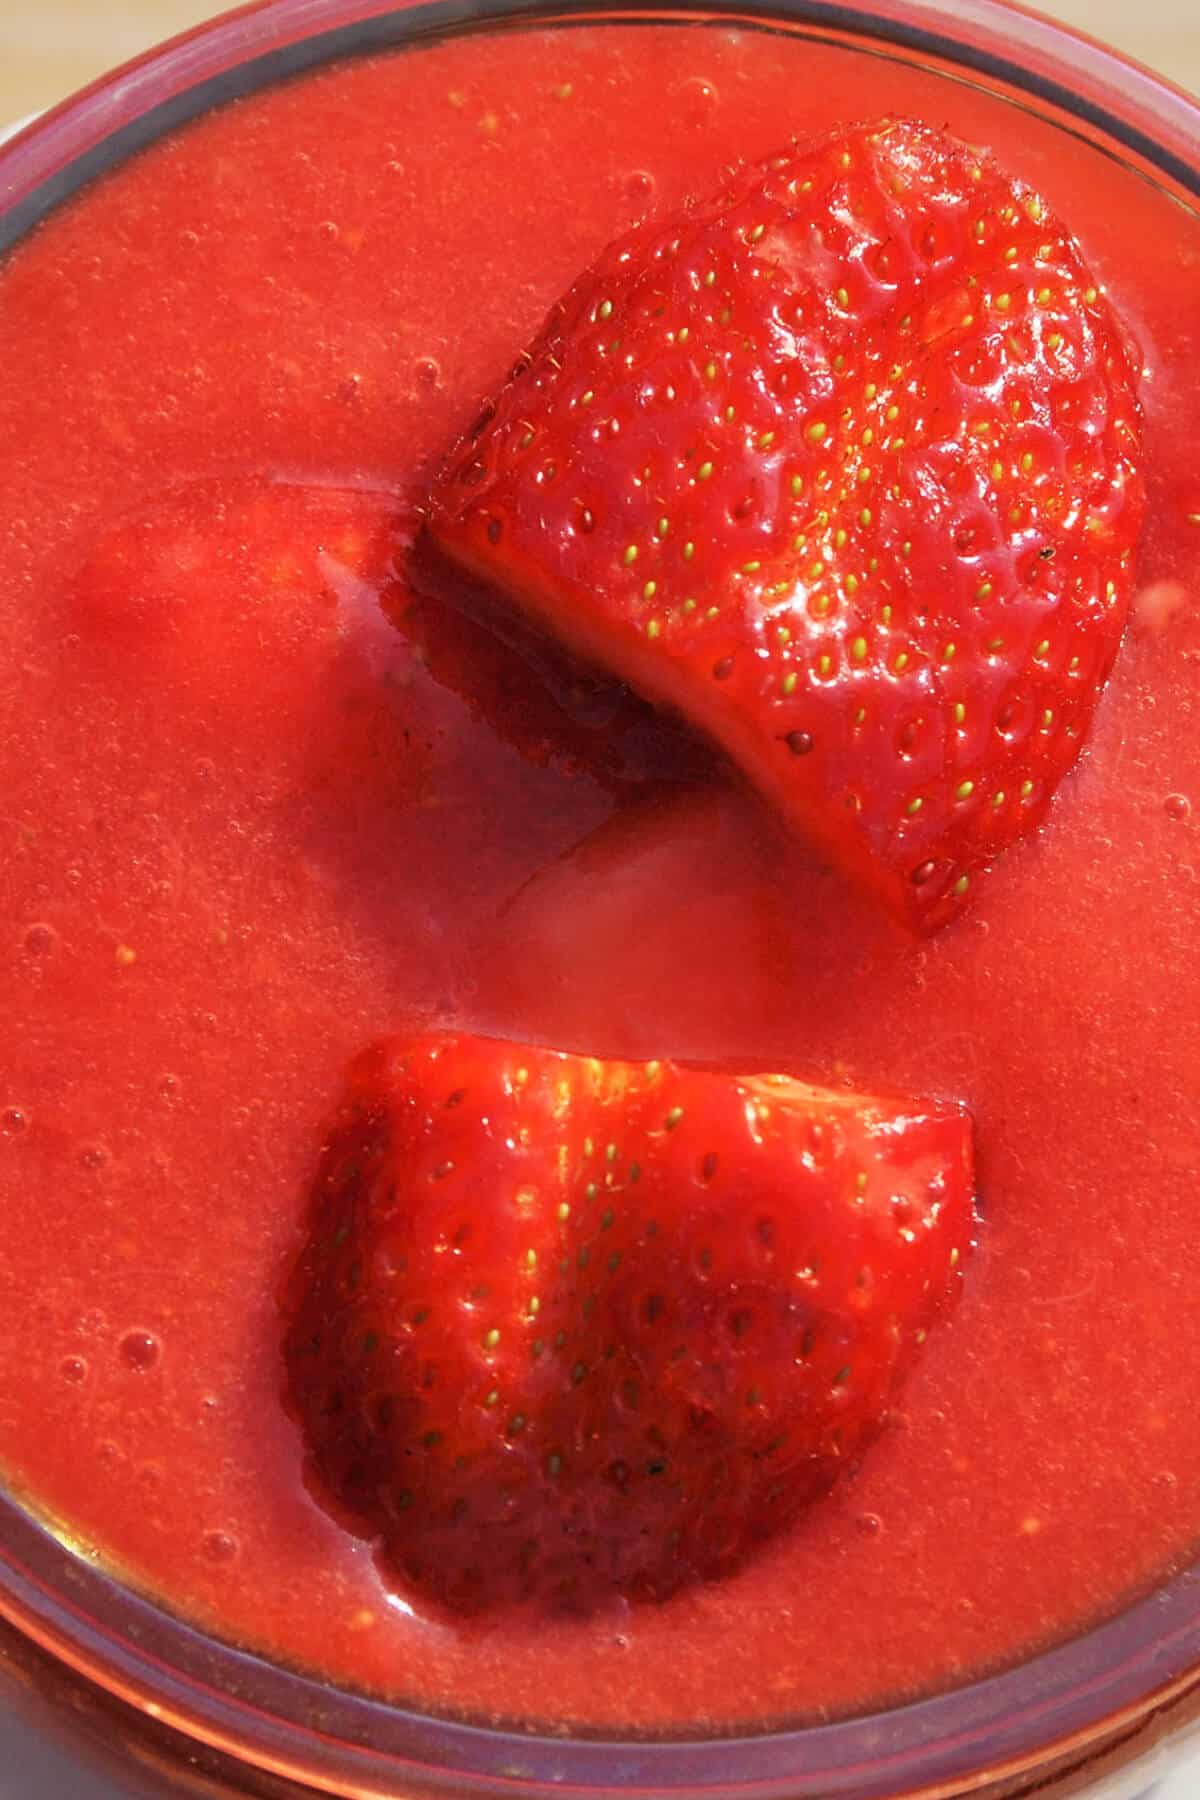 So kannst du Low Carb Marmelade mit nur 3 selber machen! In nicht mehr als 5 Minuten ist diese Low Carb Marmelade fertig und dein gesundes Frühstück ohne Kohlenhydrate ein echter Genuss!